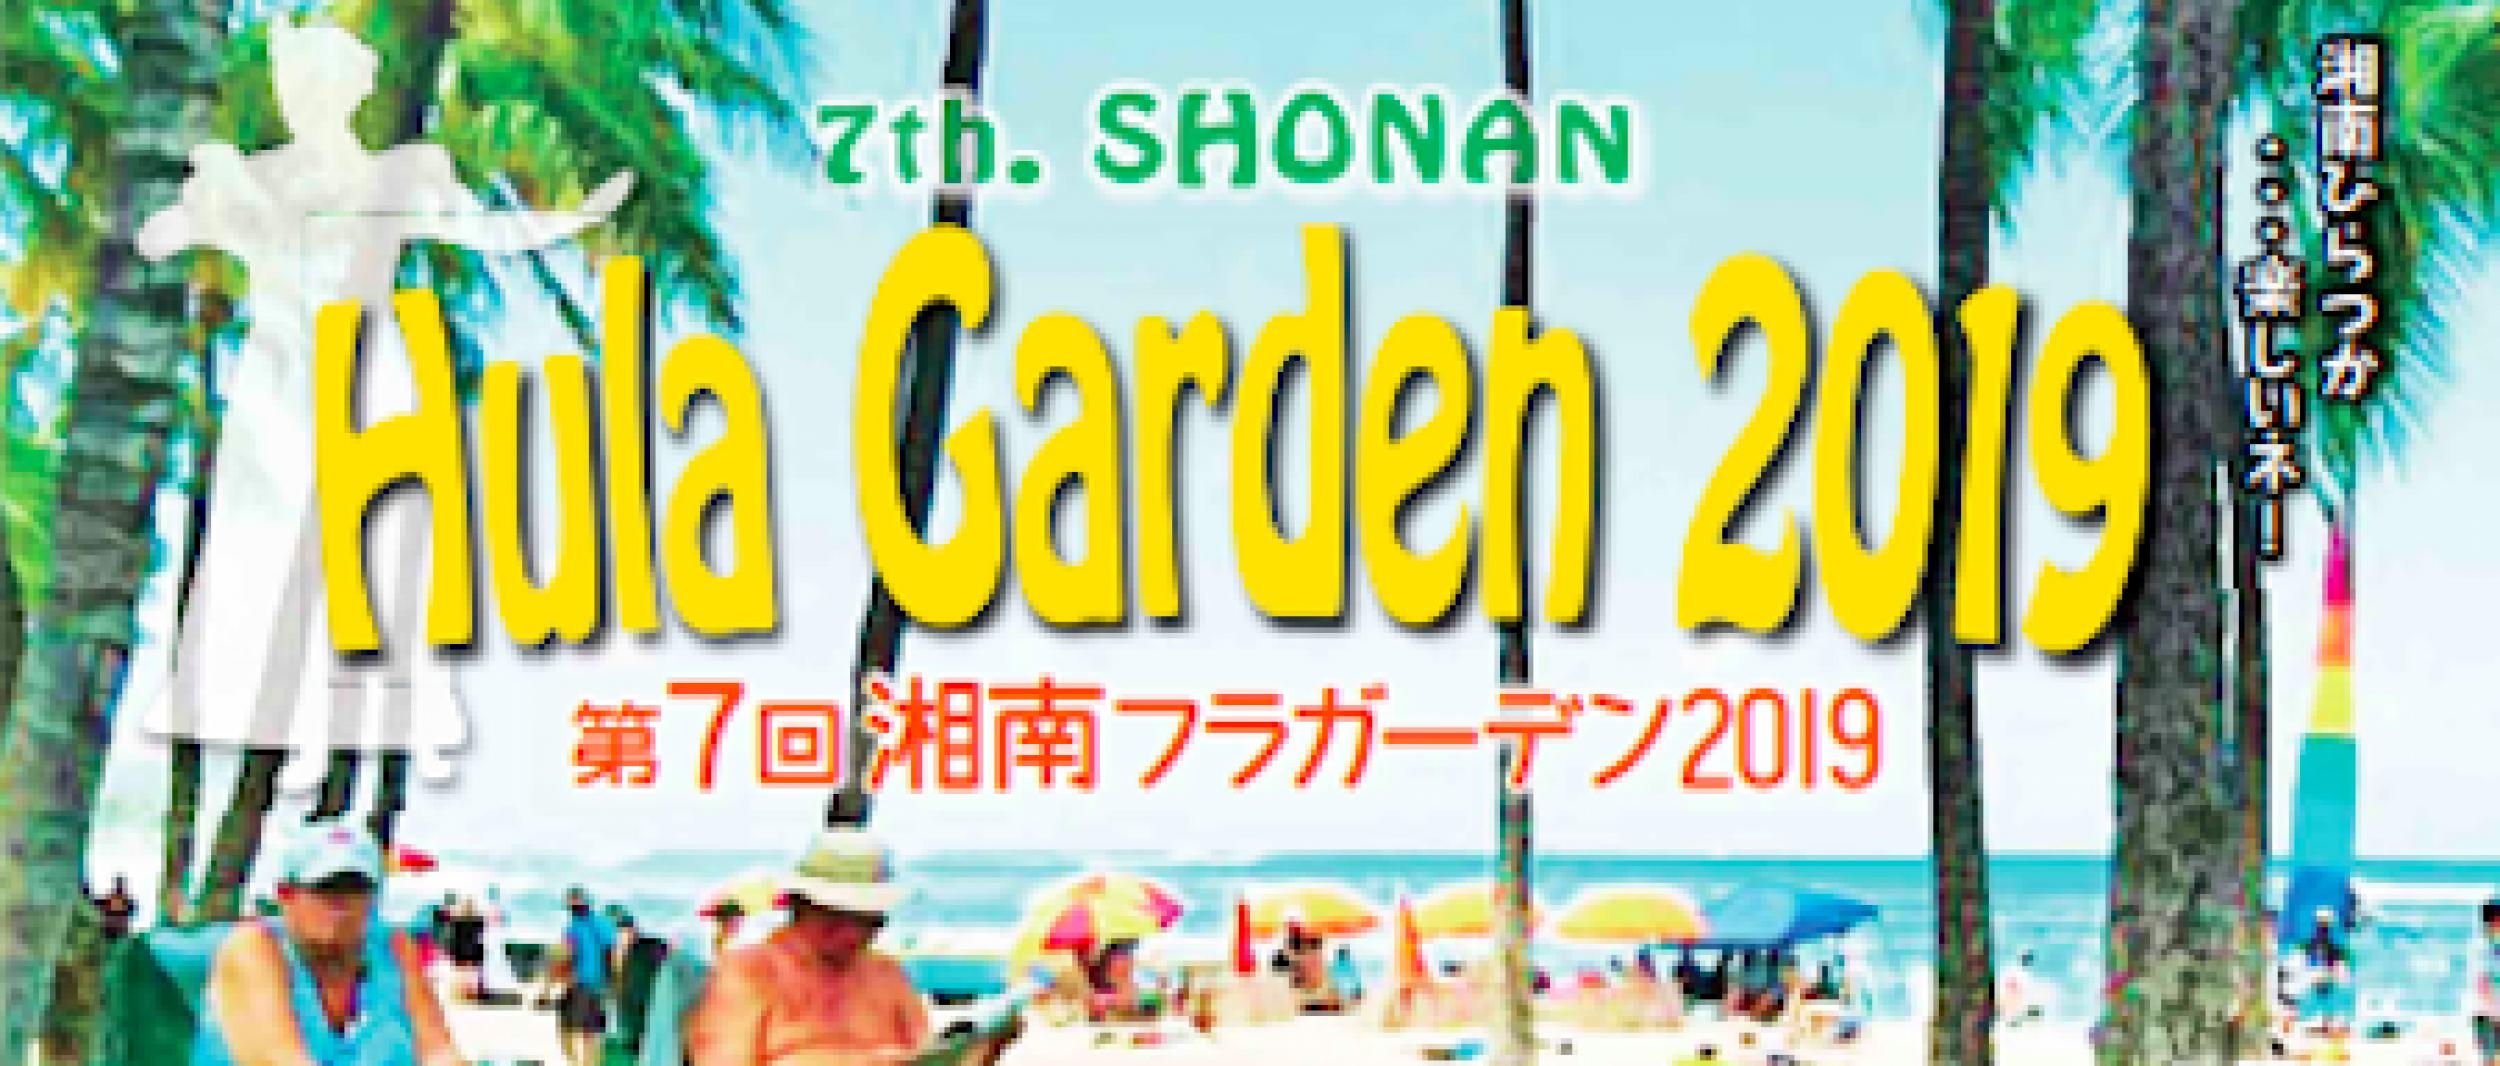 湘南フラガーデン|Shonan Hula Garden